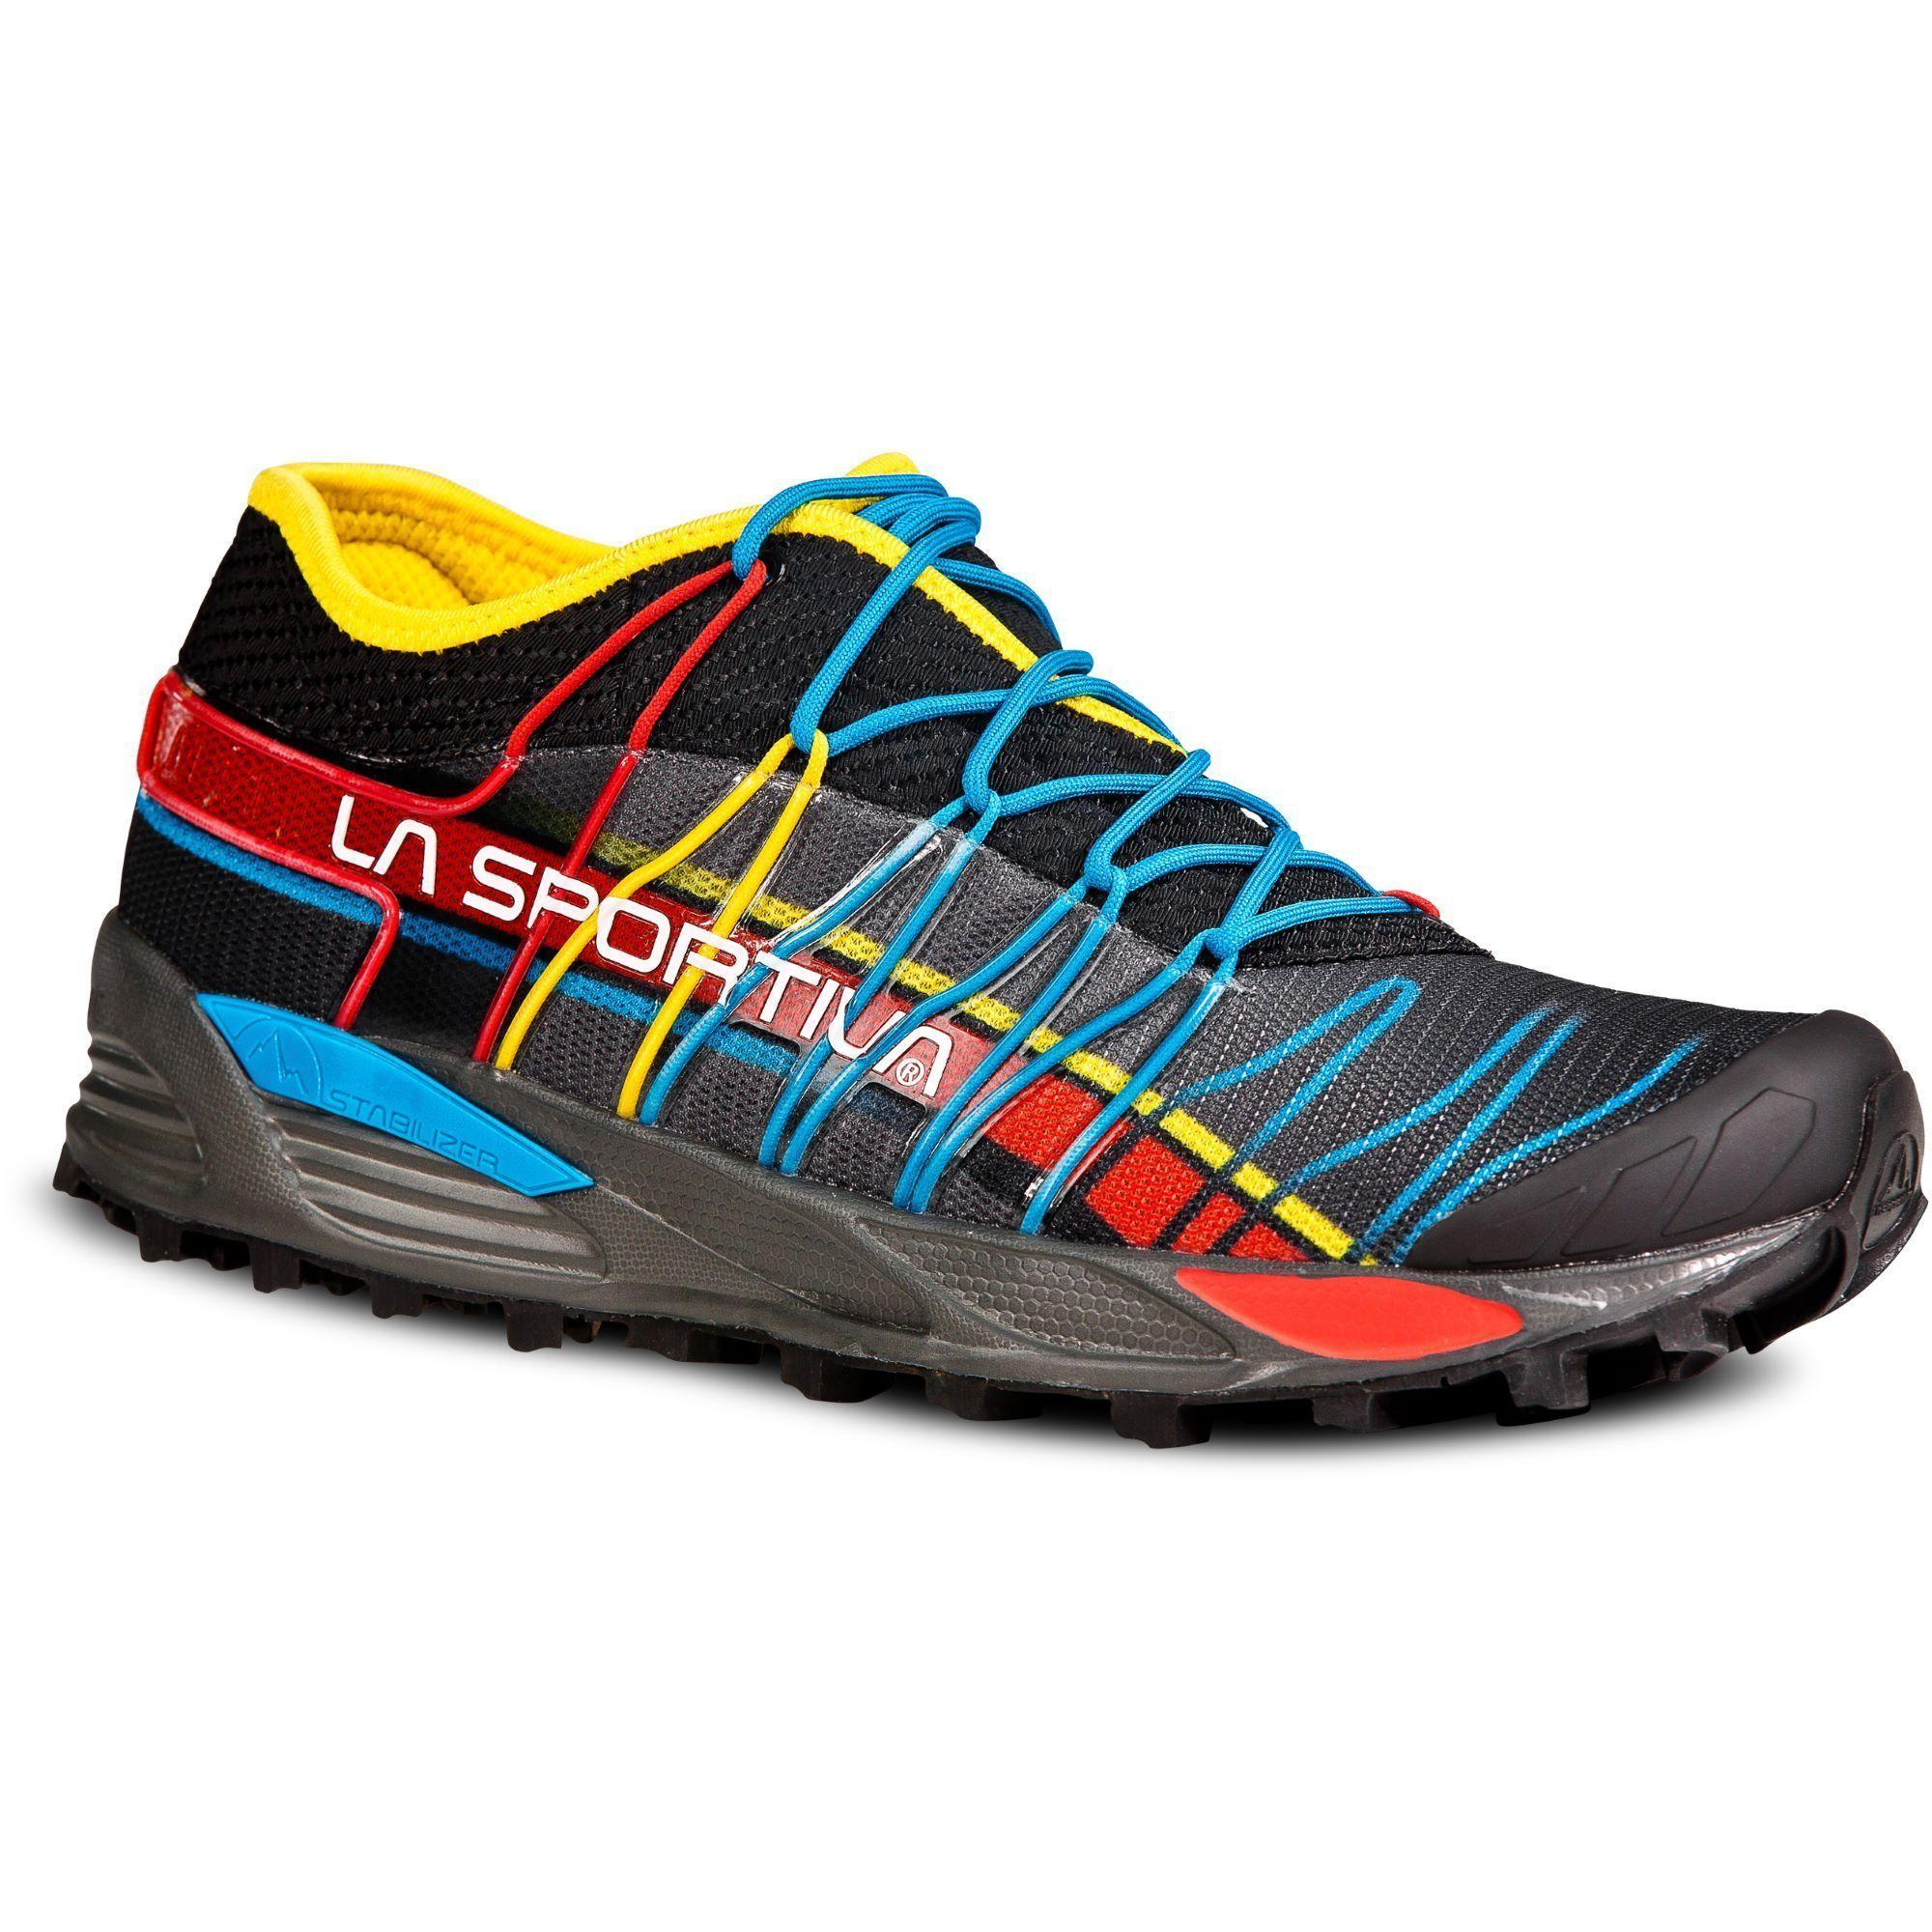 17da17e5779f2 Zapatilla de Trail Running La Sportiva Mutant en trailxtrem.com